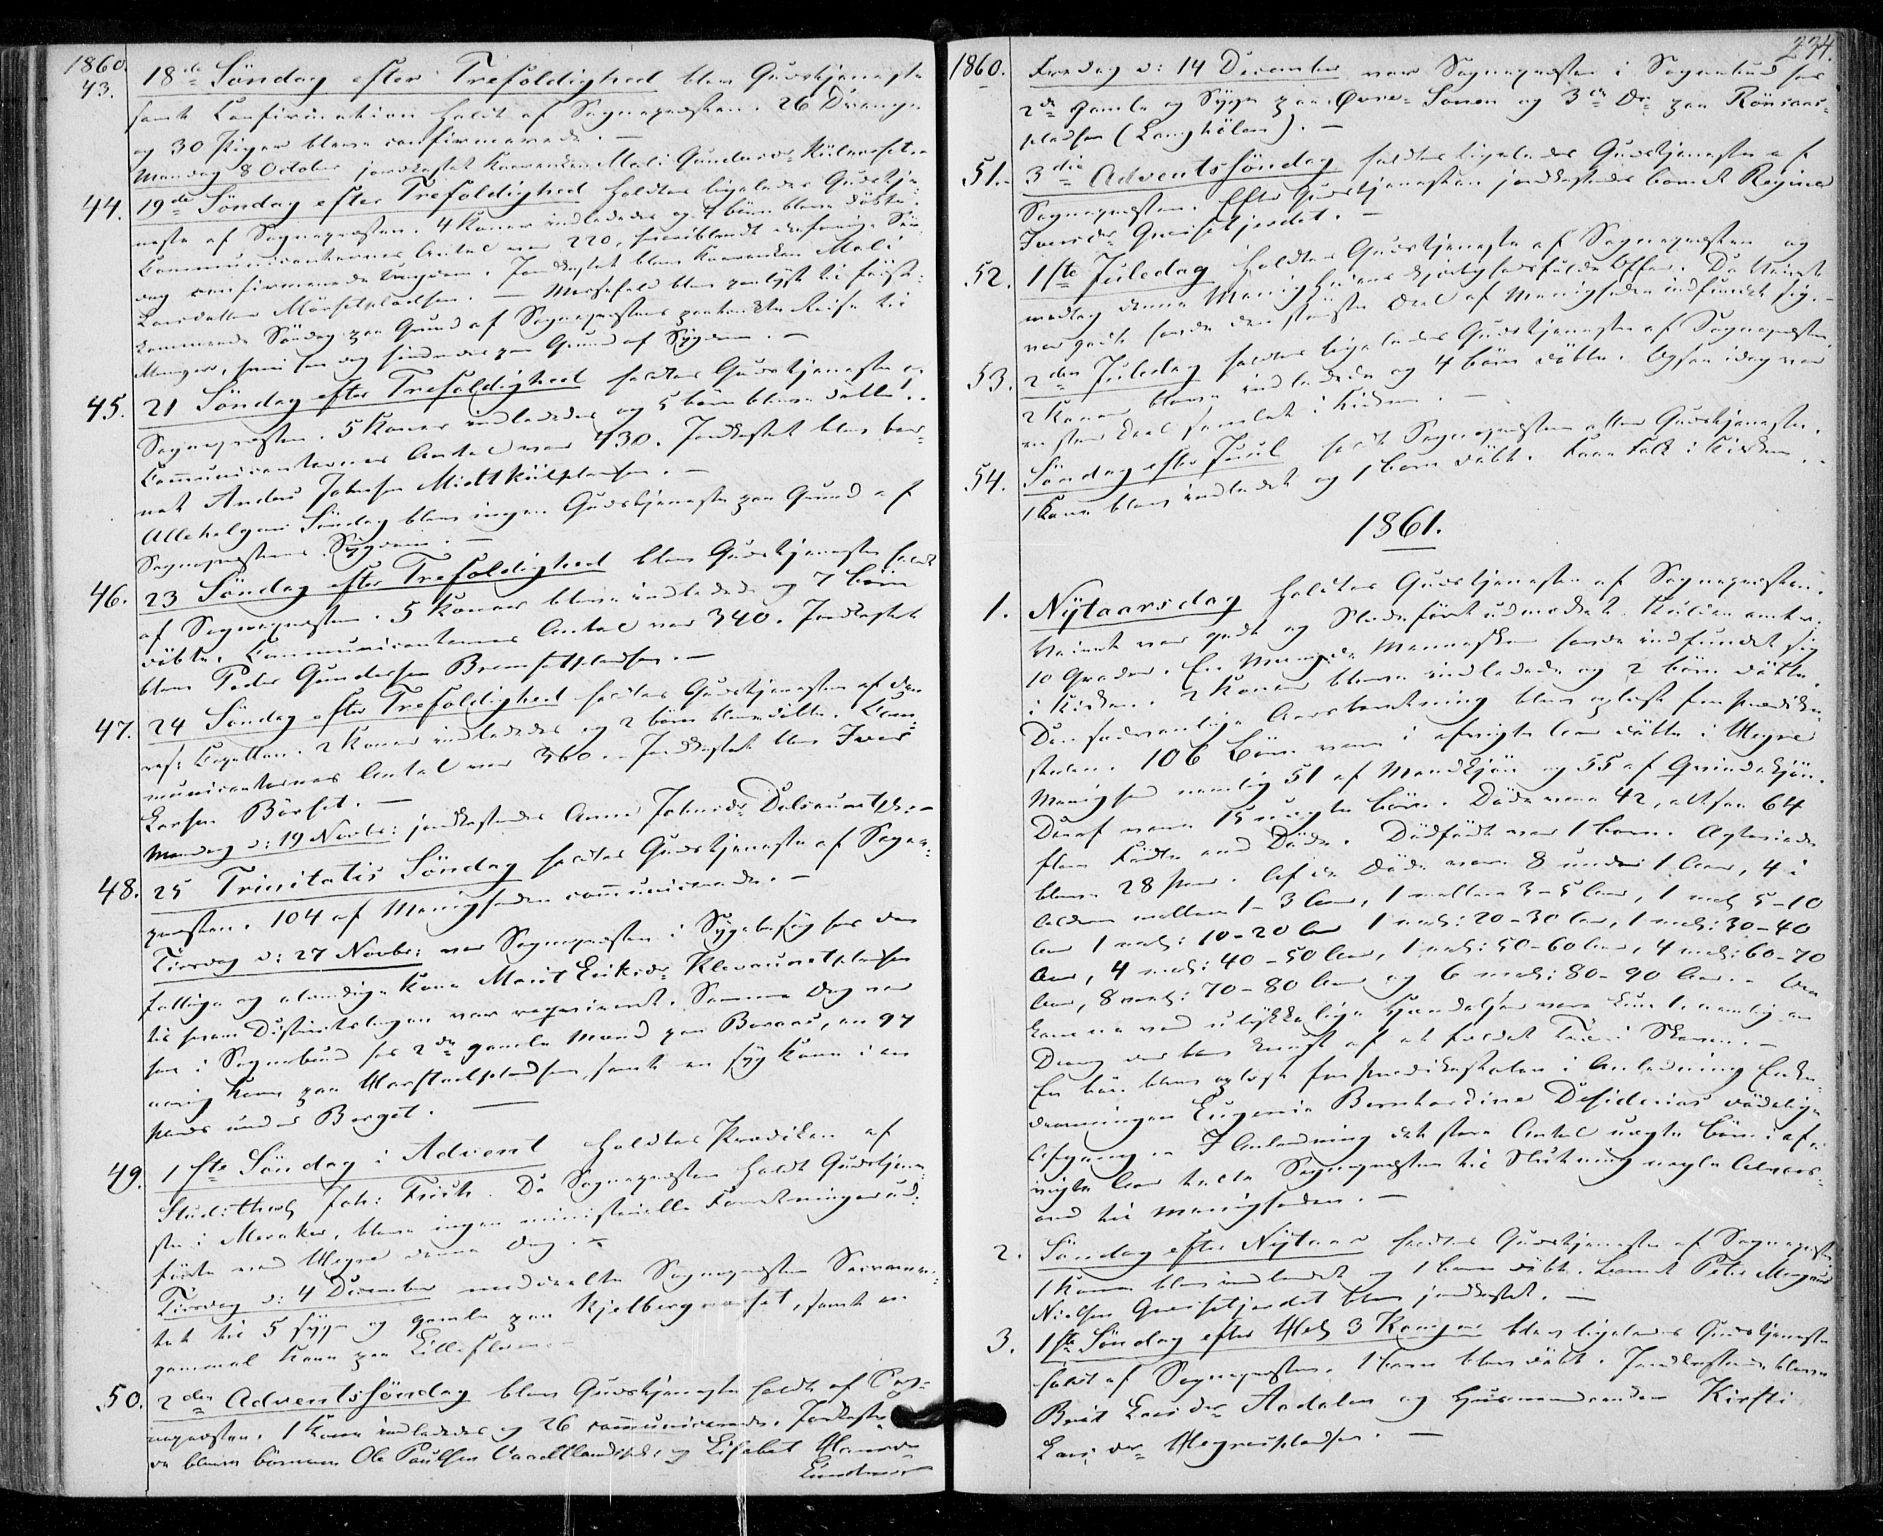 SAT, Ministerialprotokoller, klokkerbøker og fødselsregistre - Nord-Trøndelag, 703/L0028: Ministerialbok nr. 703A01, 1850-1862, s. 234